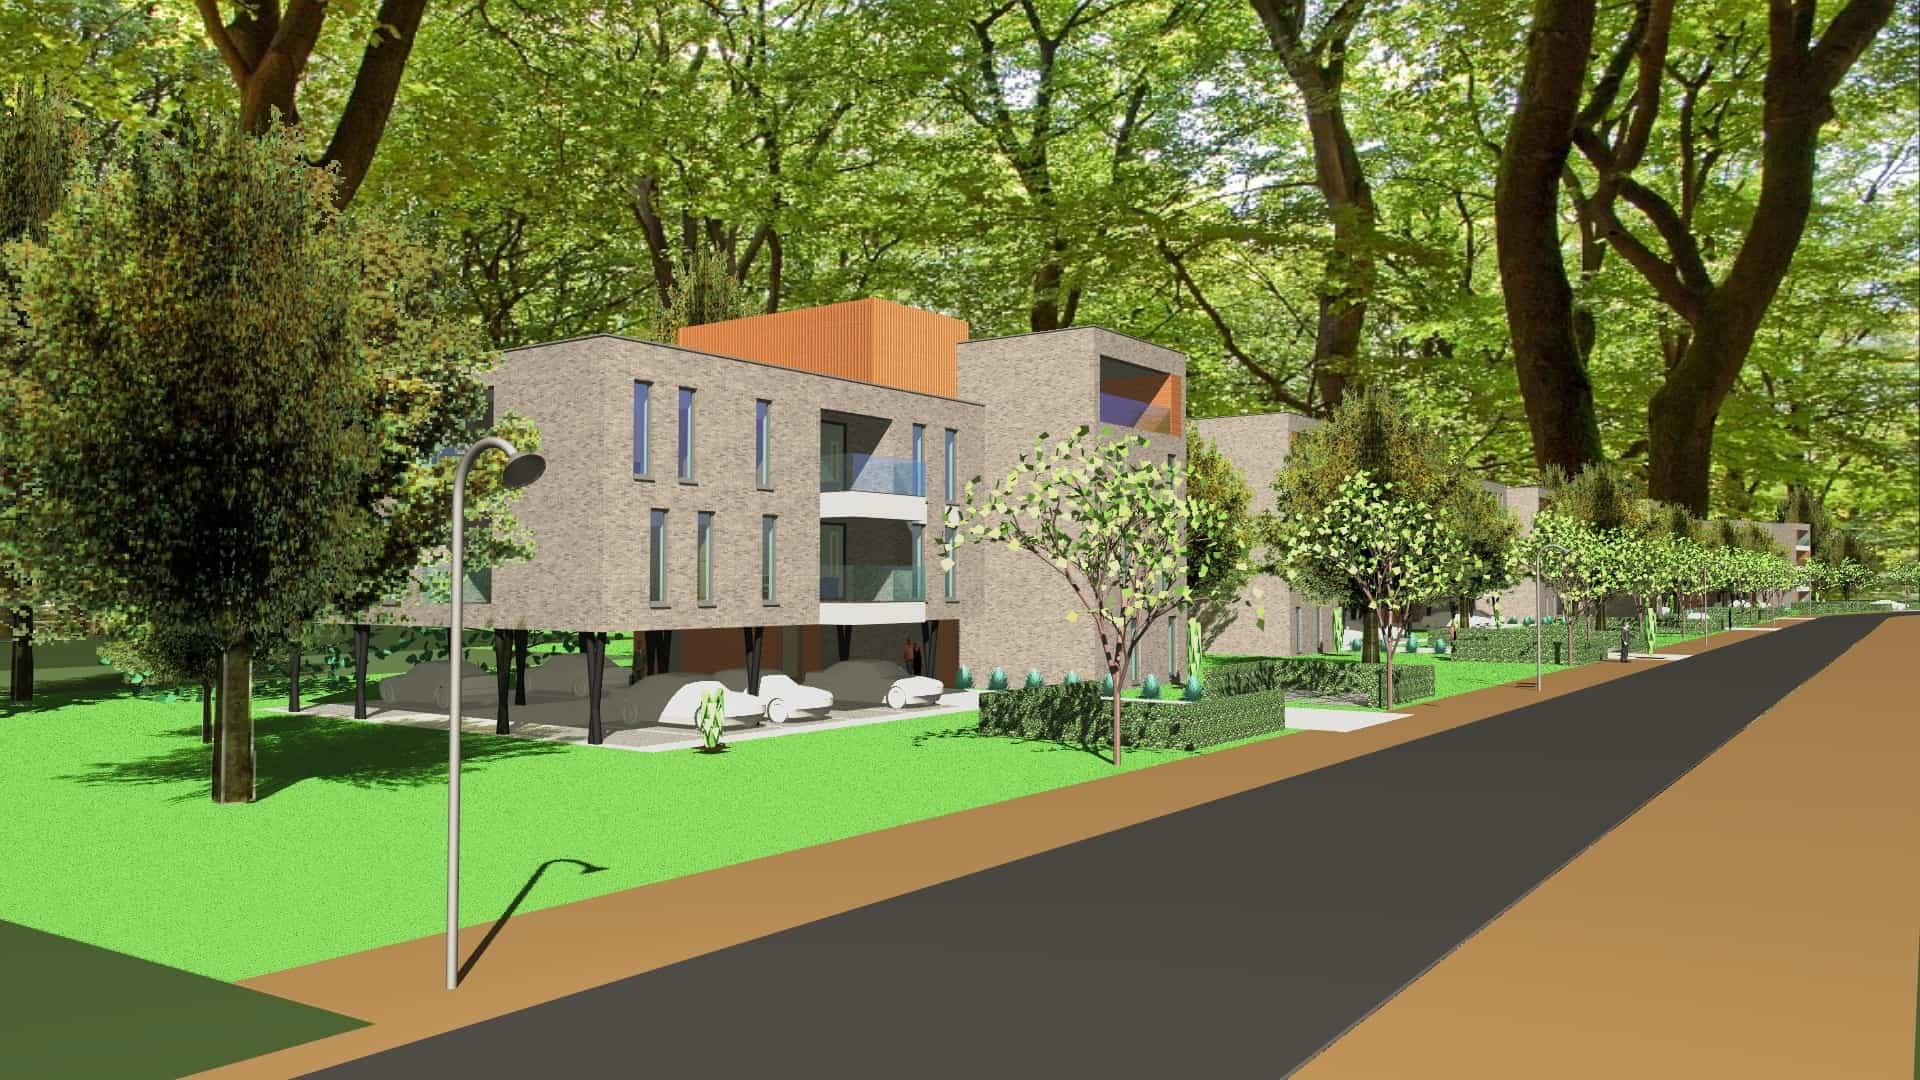 Detail afbeelding 2 van VO – BE   –   48 Appartementen tussen de bomen   –   Zonhoven | Ontwerp door architect Patrick Strackx